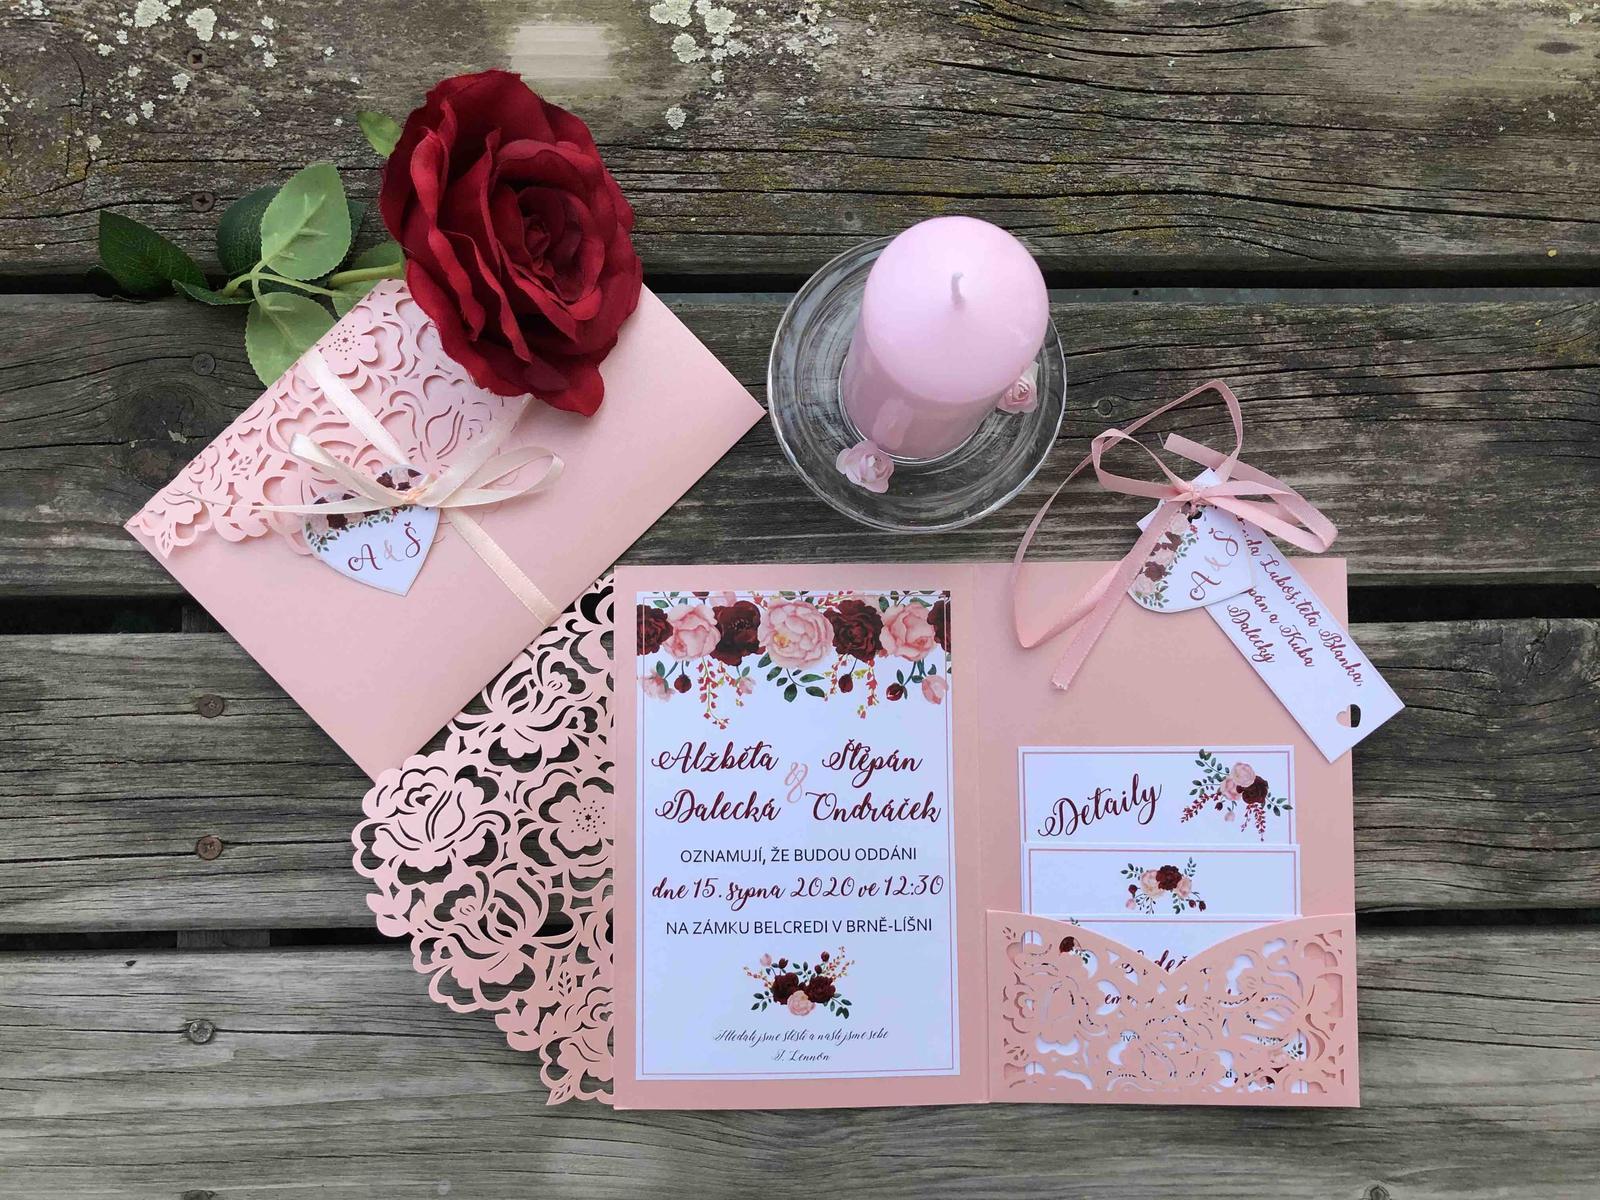 Alžběta                    a                    Štěpán - Obálky jsem objednala na Ali, květinové aranžmá koupila na etsy a všechno ostatní jsem si sama vyráběla v obyčejném wordu. Kdyby někdo chtěl šablony, neváhejte napsat :)